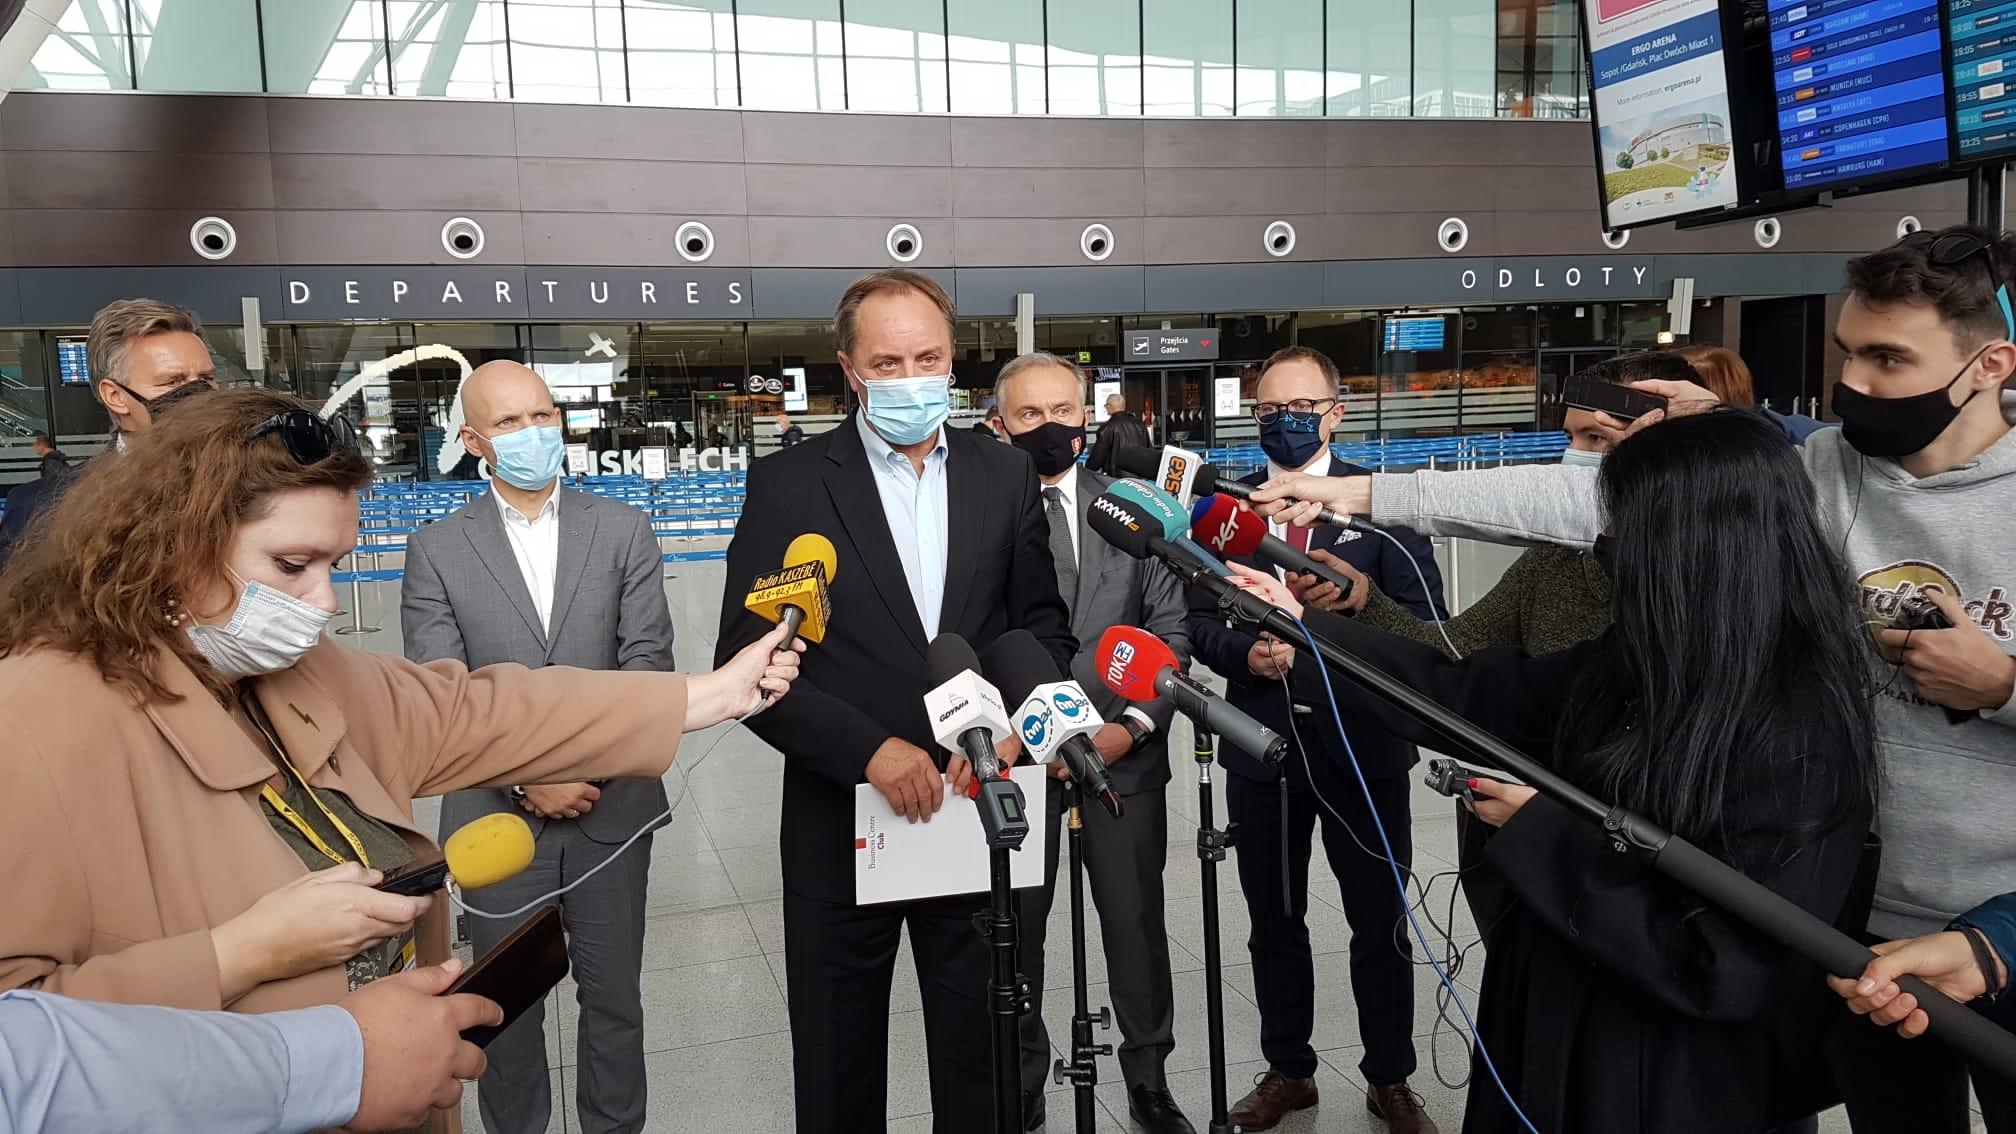 """Pomorscy samorządowcy przeciw podwyżce opłat na lotniskach. """"To niszczenie rynku lotniczego"""""""